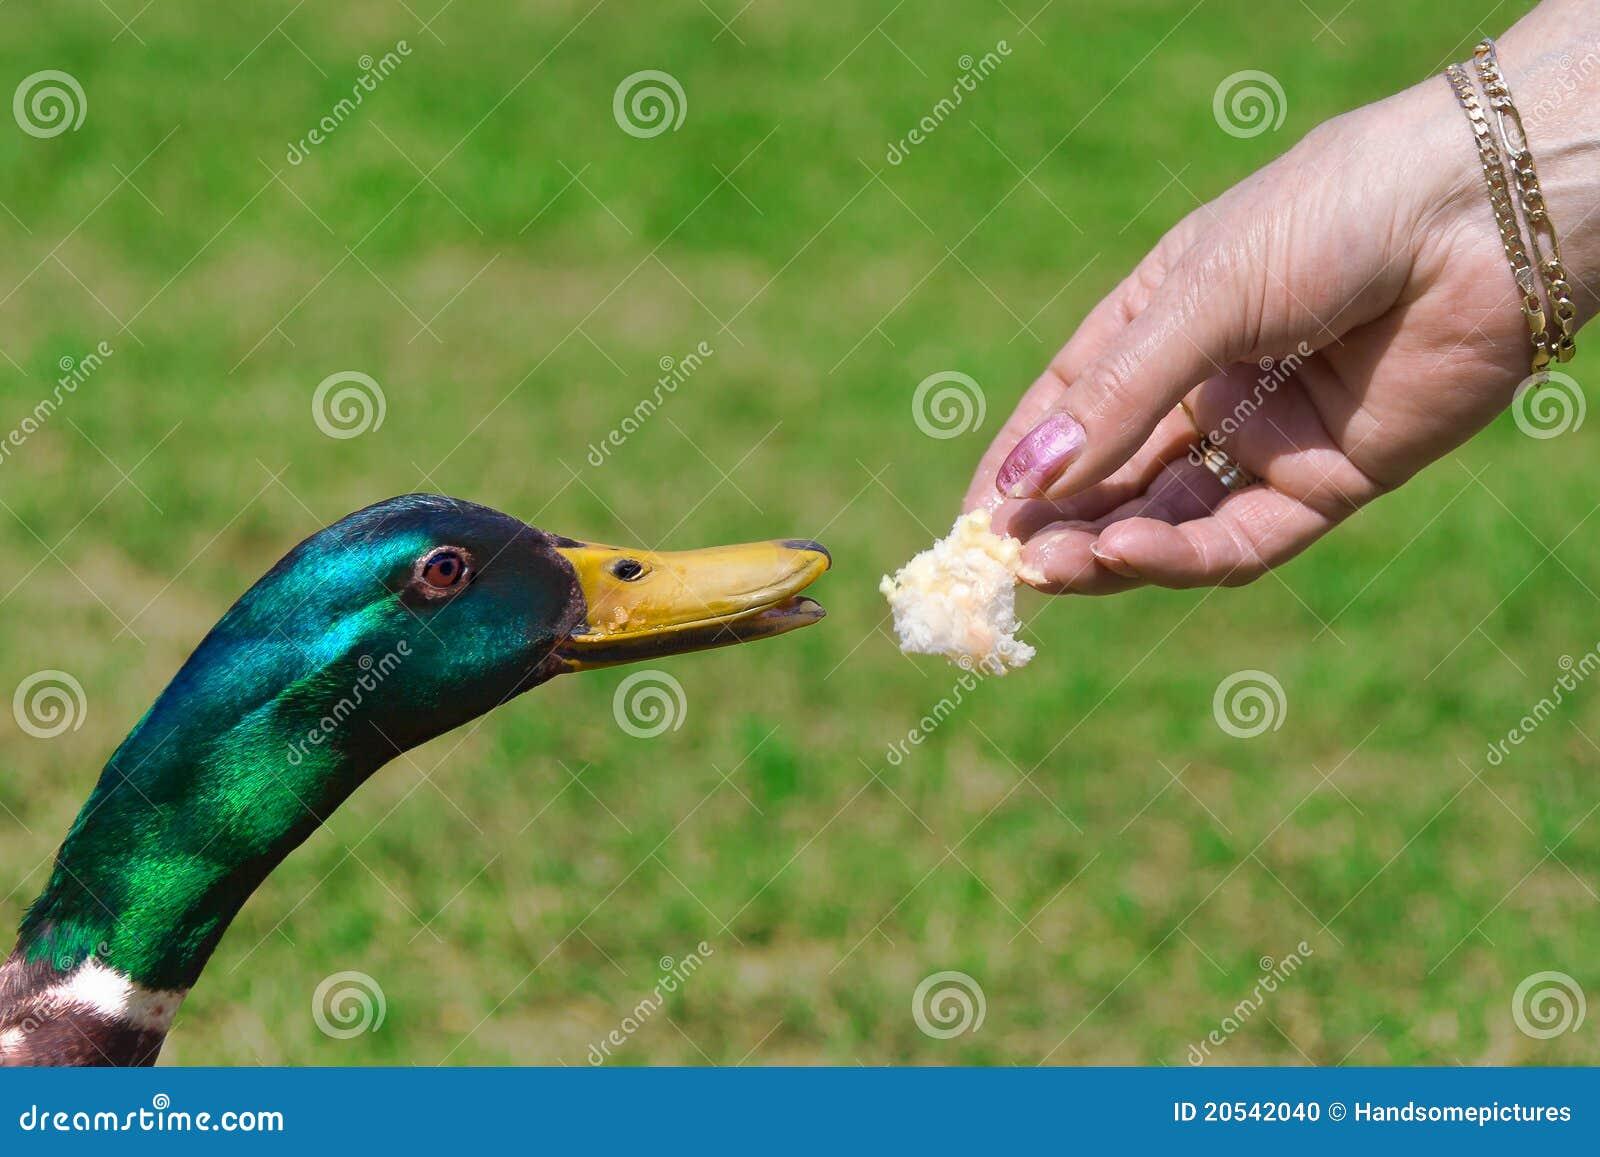 Duck Feeding On Bread